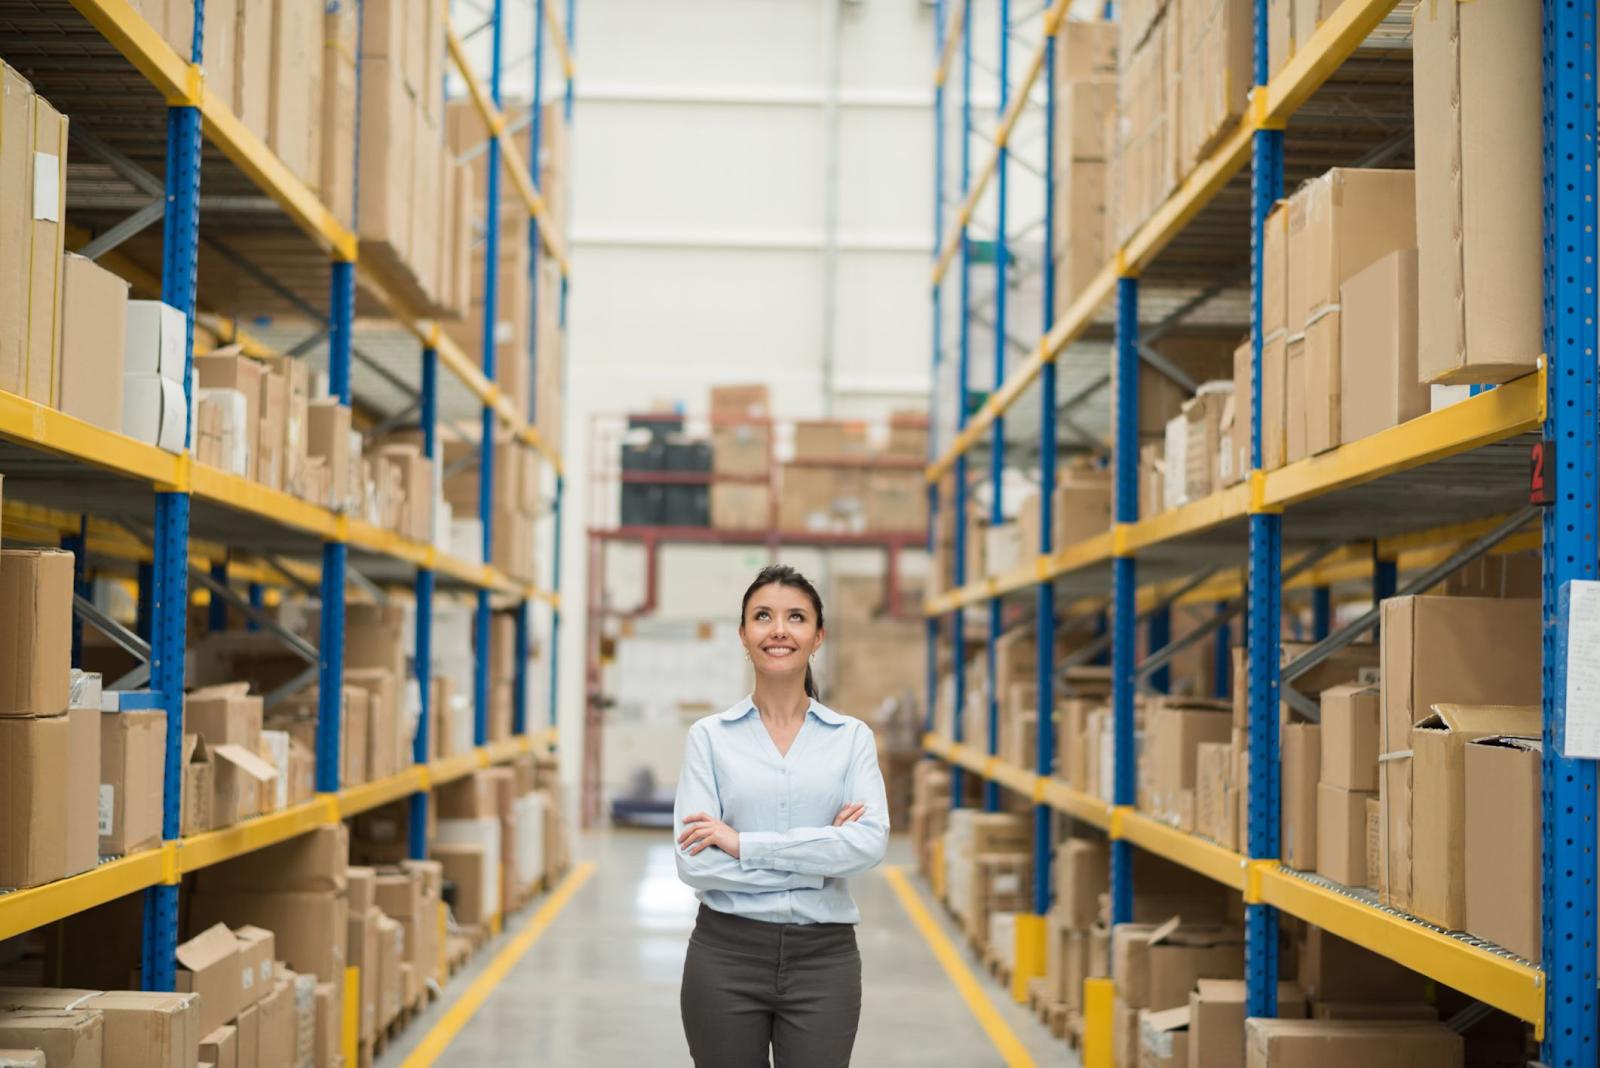 Kiểm tra kỹtrước và sau khi gửi sản phẩmcho dịch vụ giao hàng nhanh